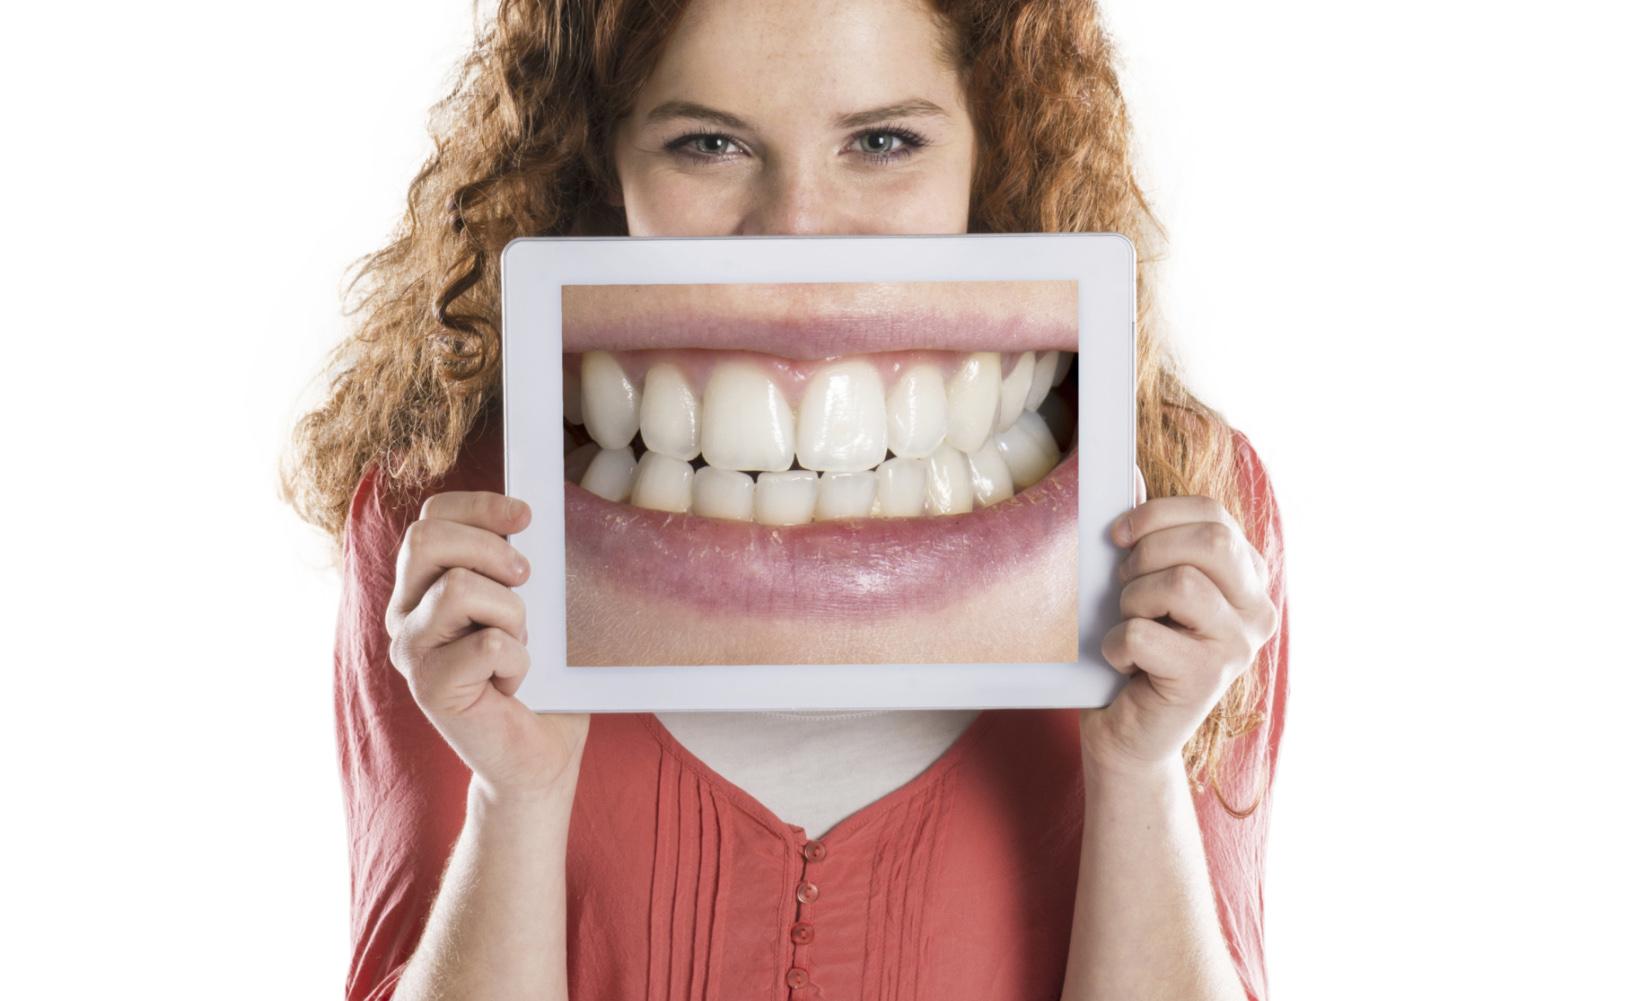 Morbo di Parkinson: e se i denti potessero dirci qualcosa?